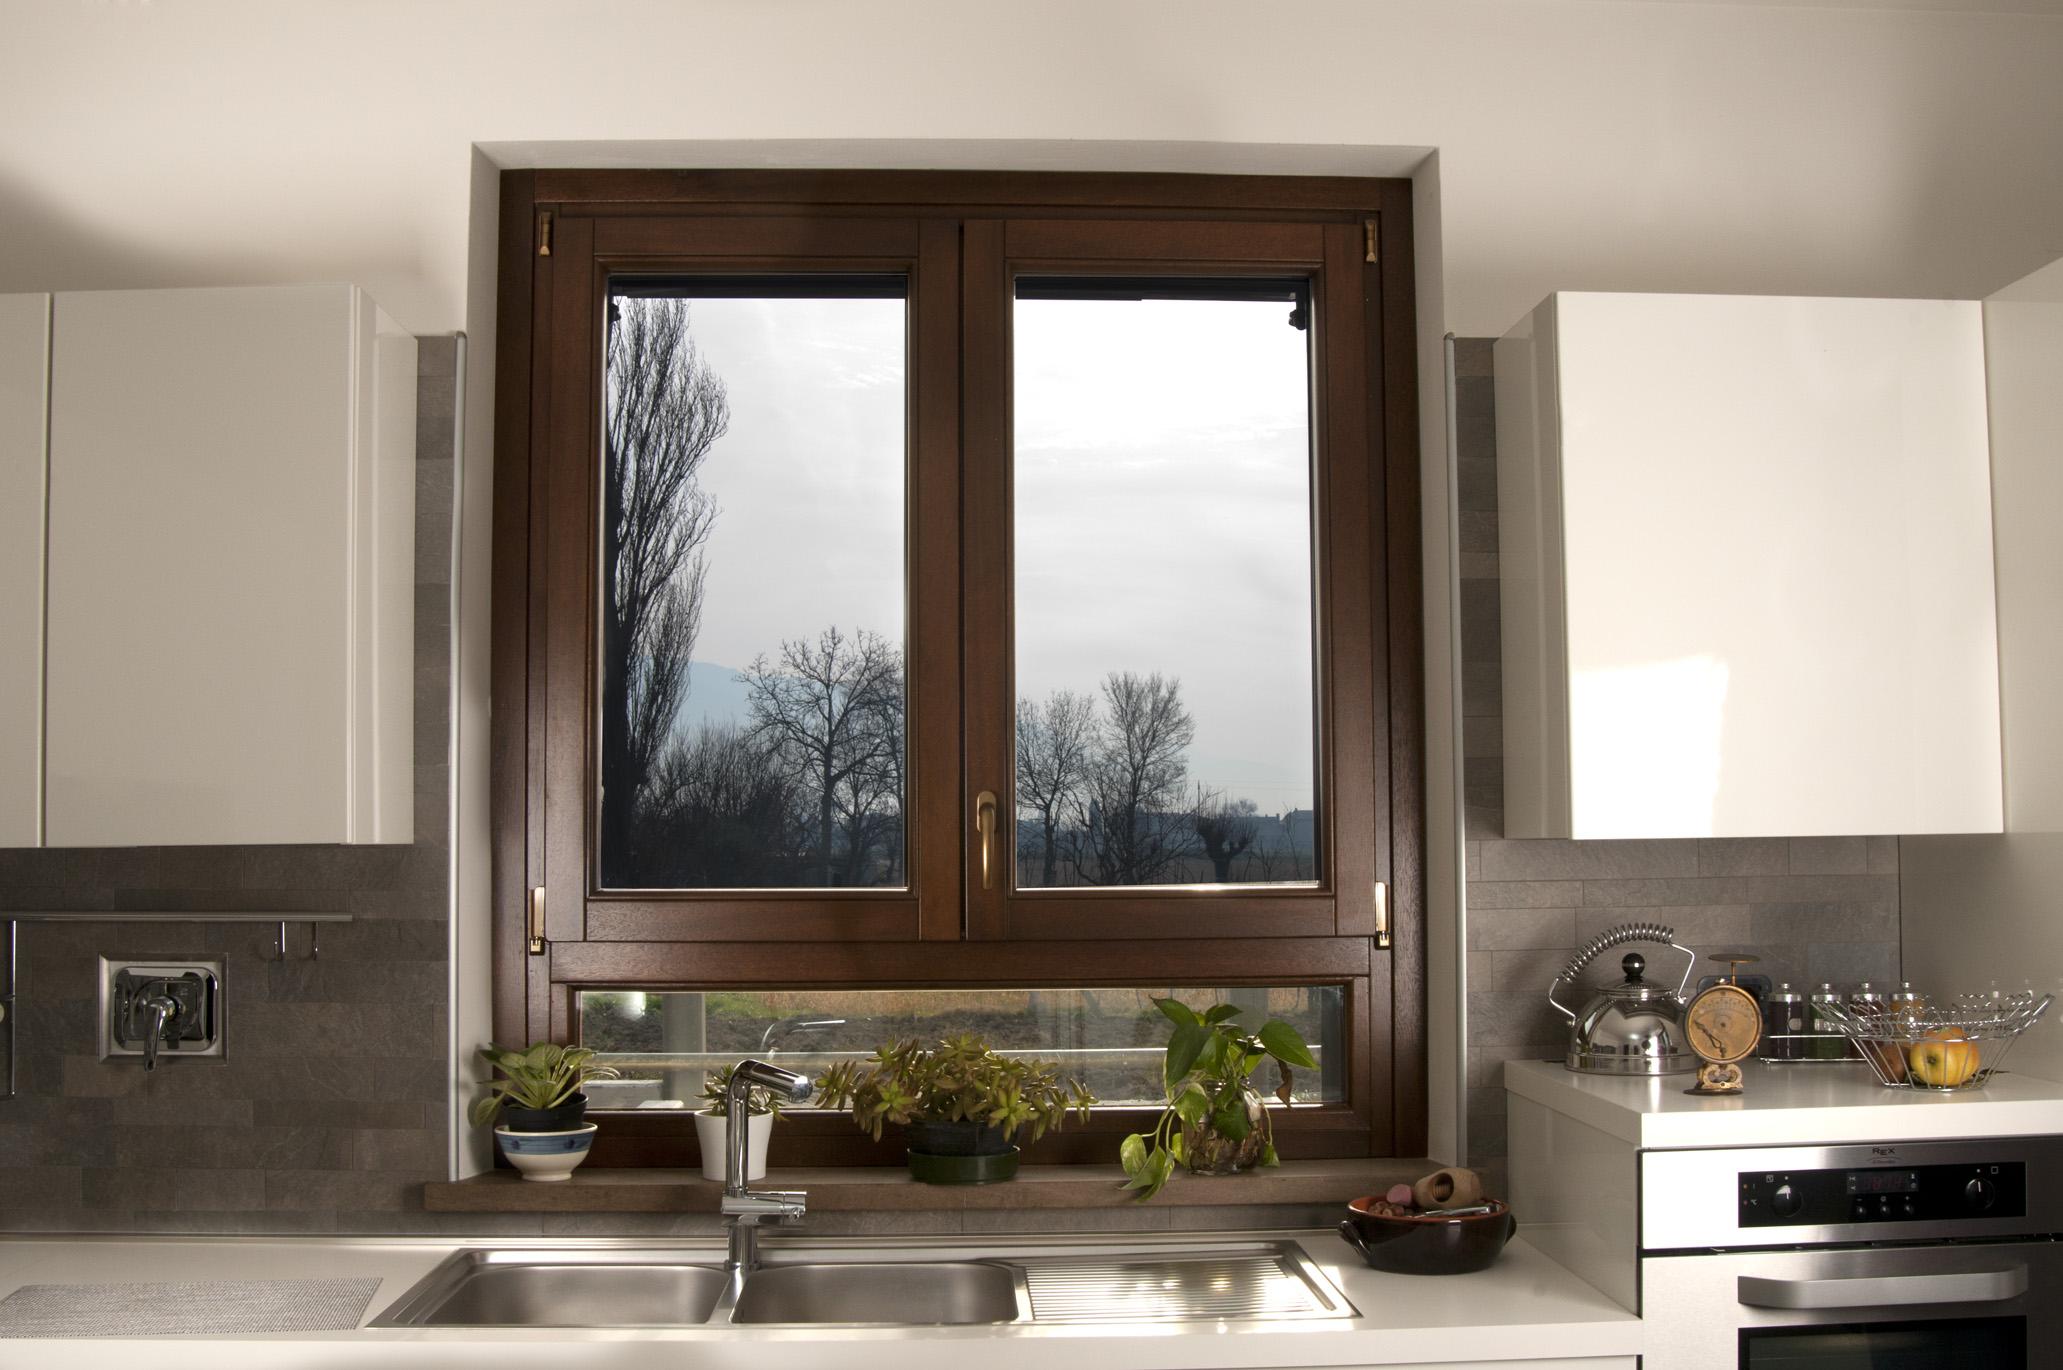 Finestre in legno milano italport produzione e vendita infissi porte e finestre milano - Finestre in legno prezzi ...